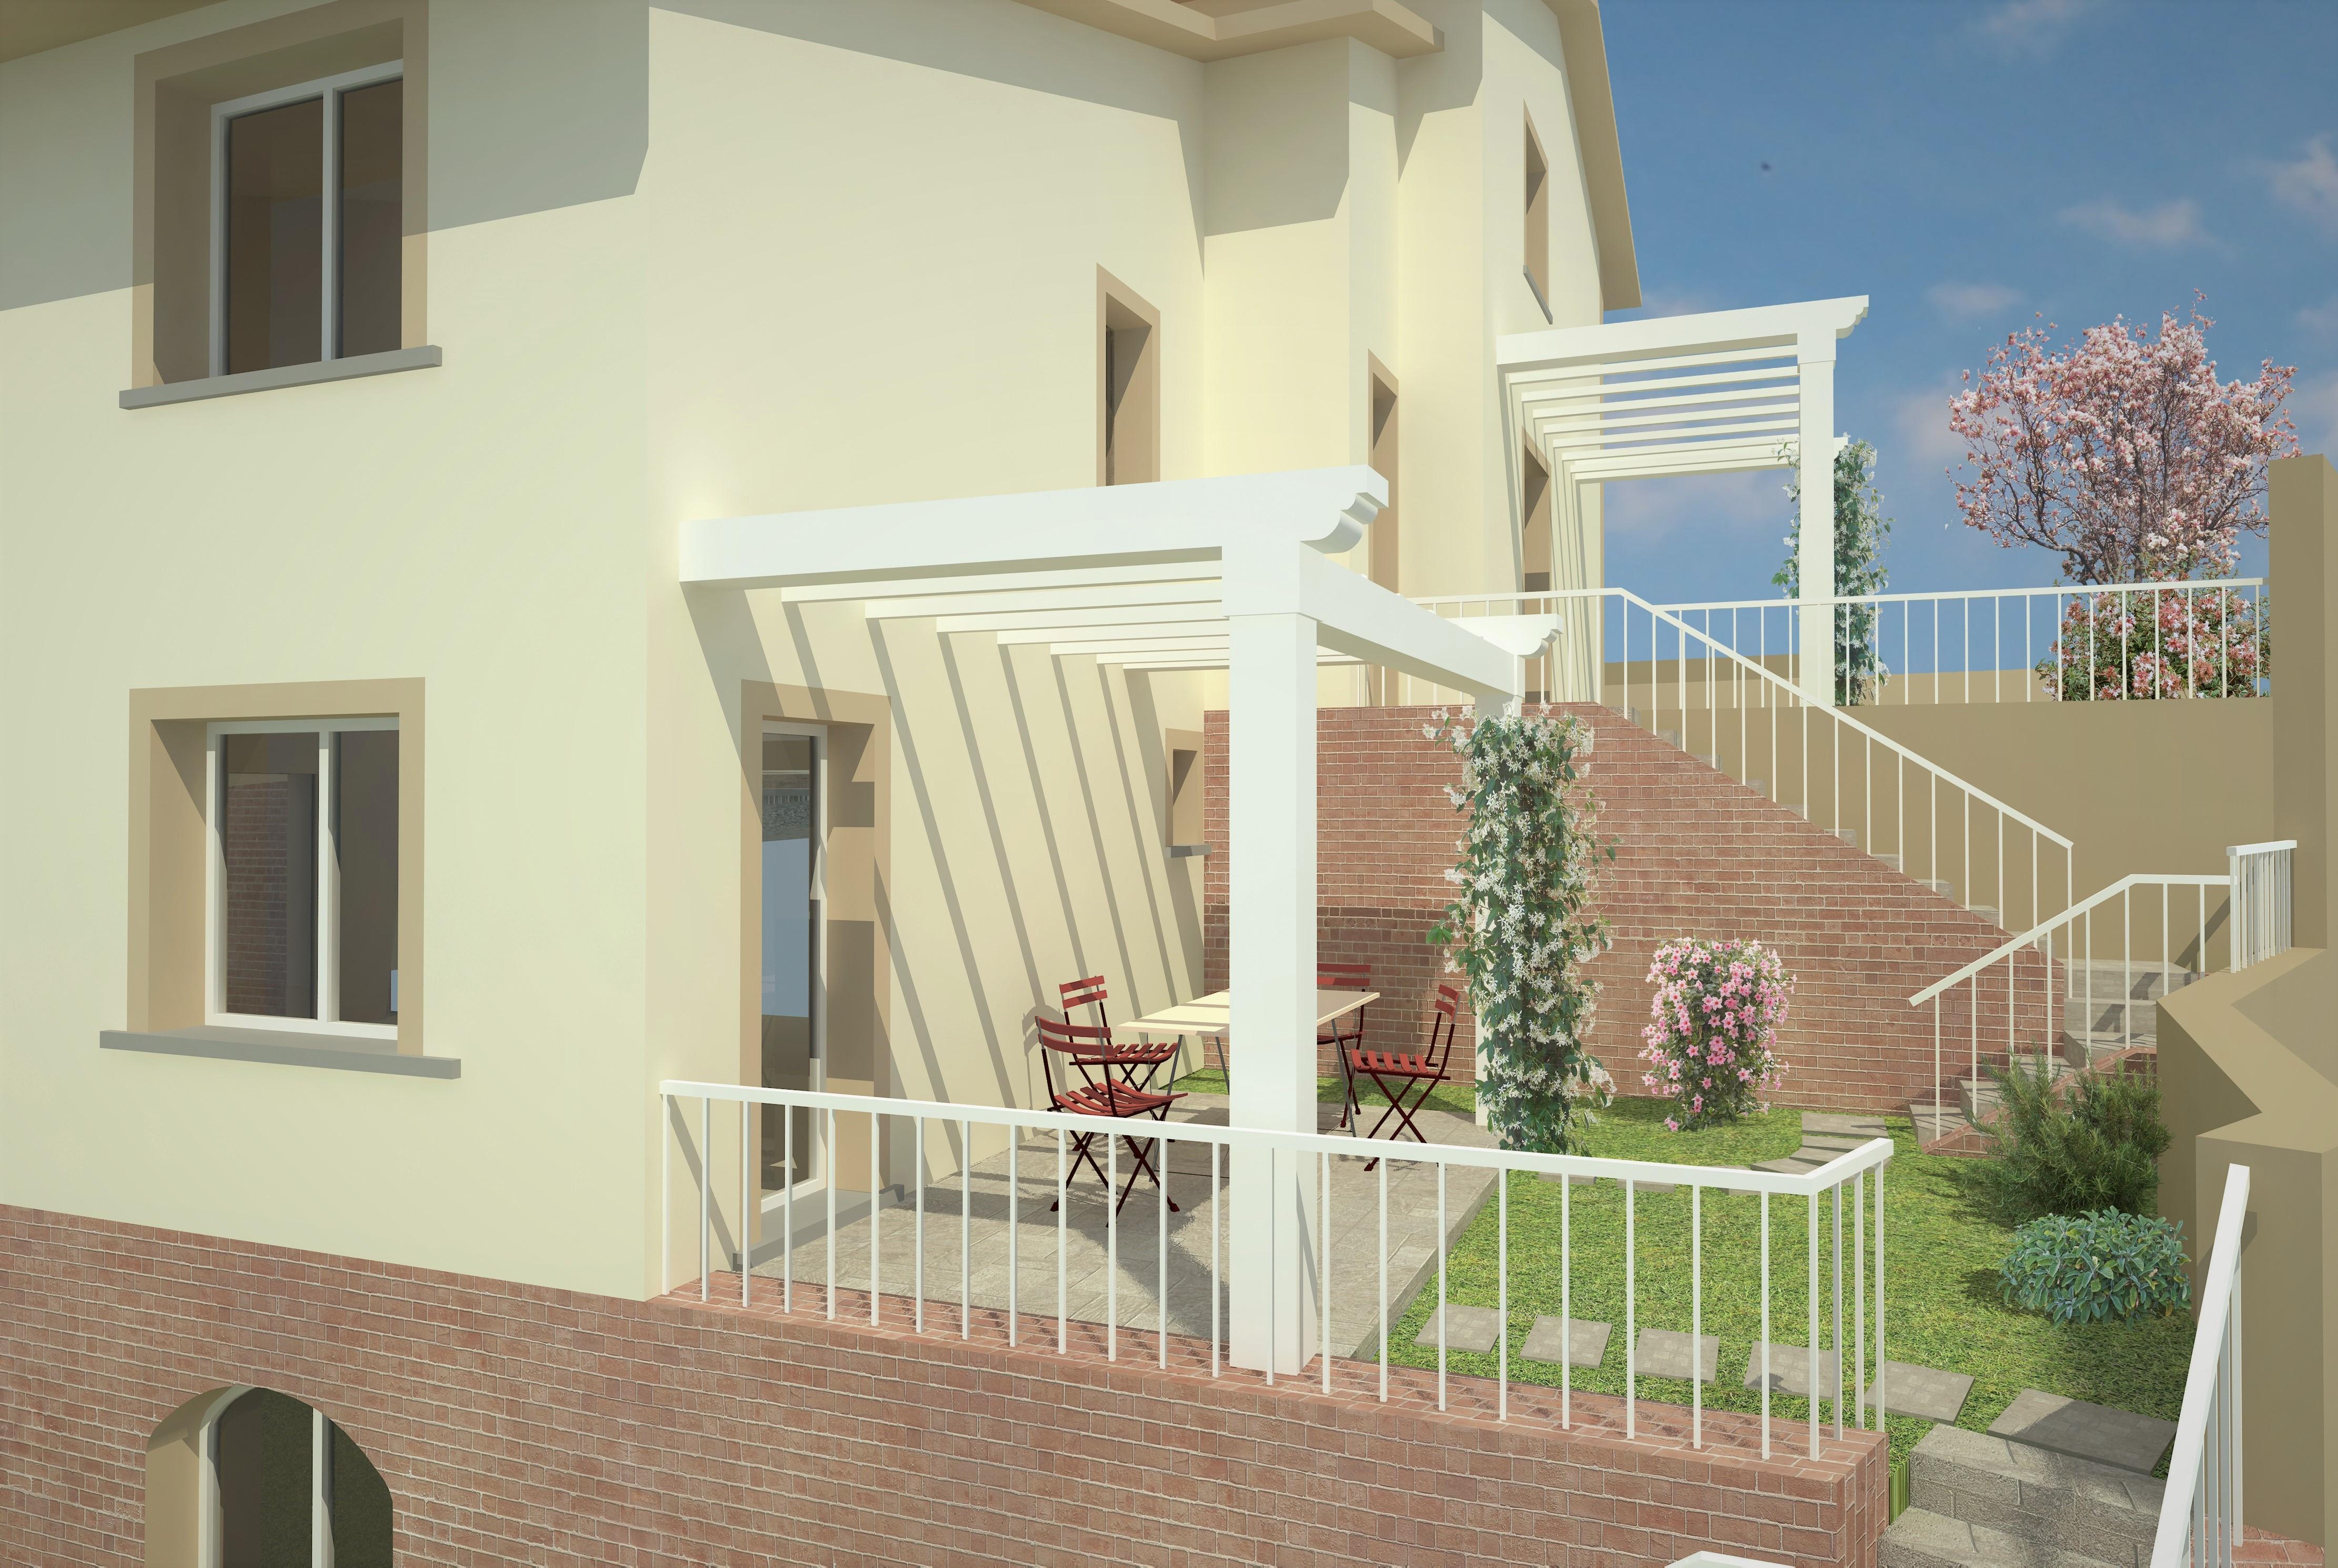 giardino villa panoramica - AplusP